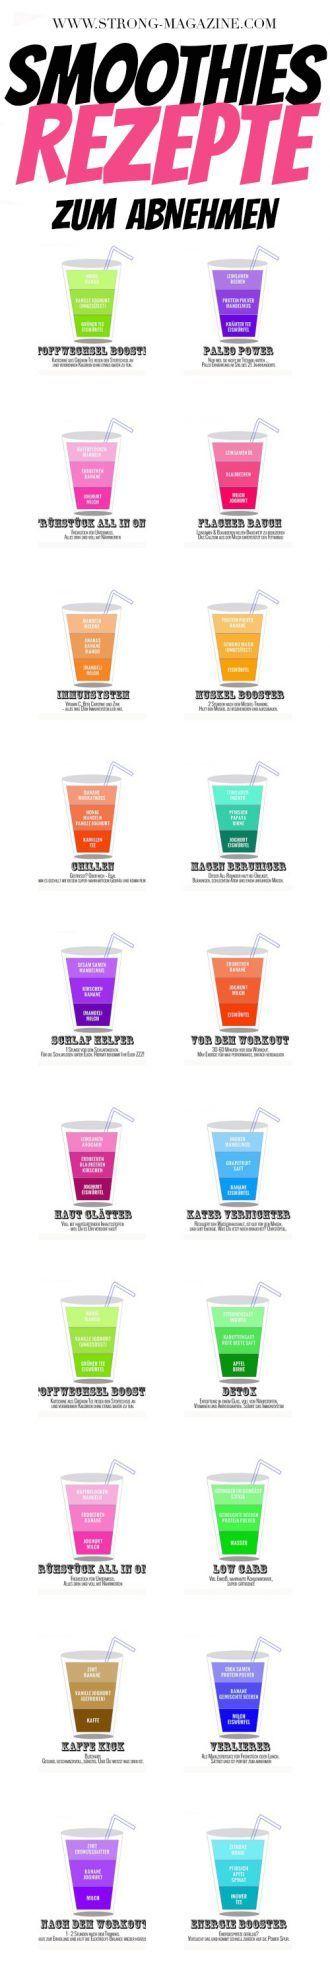 28 Smoothies Rezepte Zum Abnehmen Entgiften Und Schlank Werden